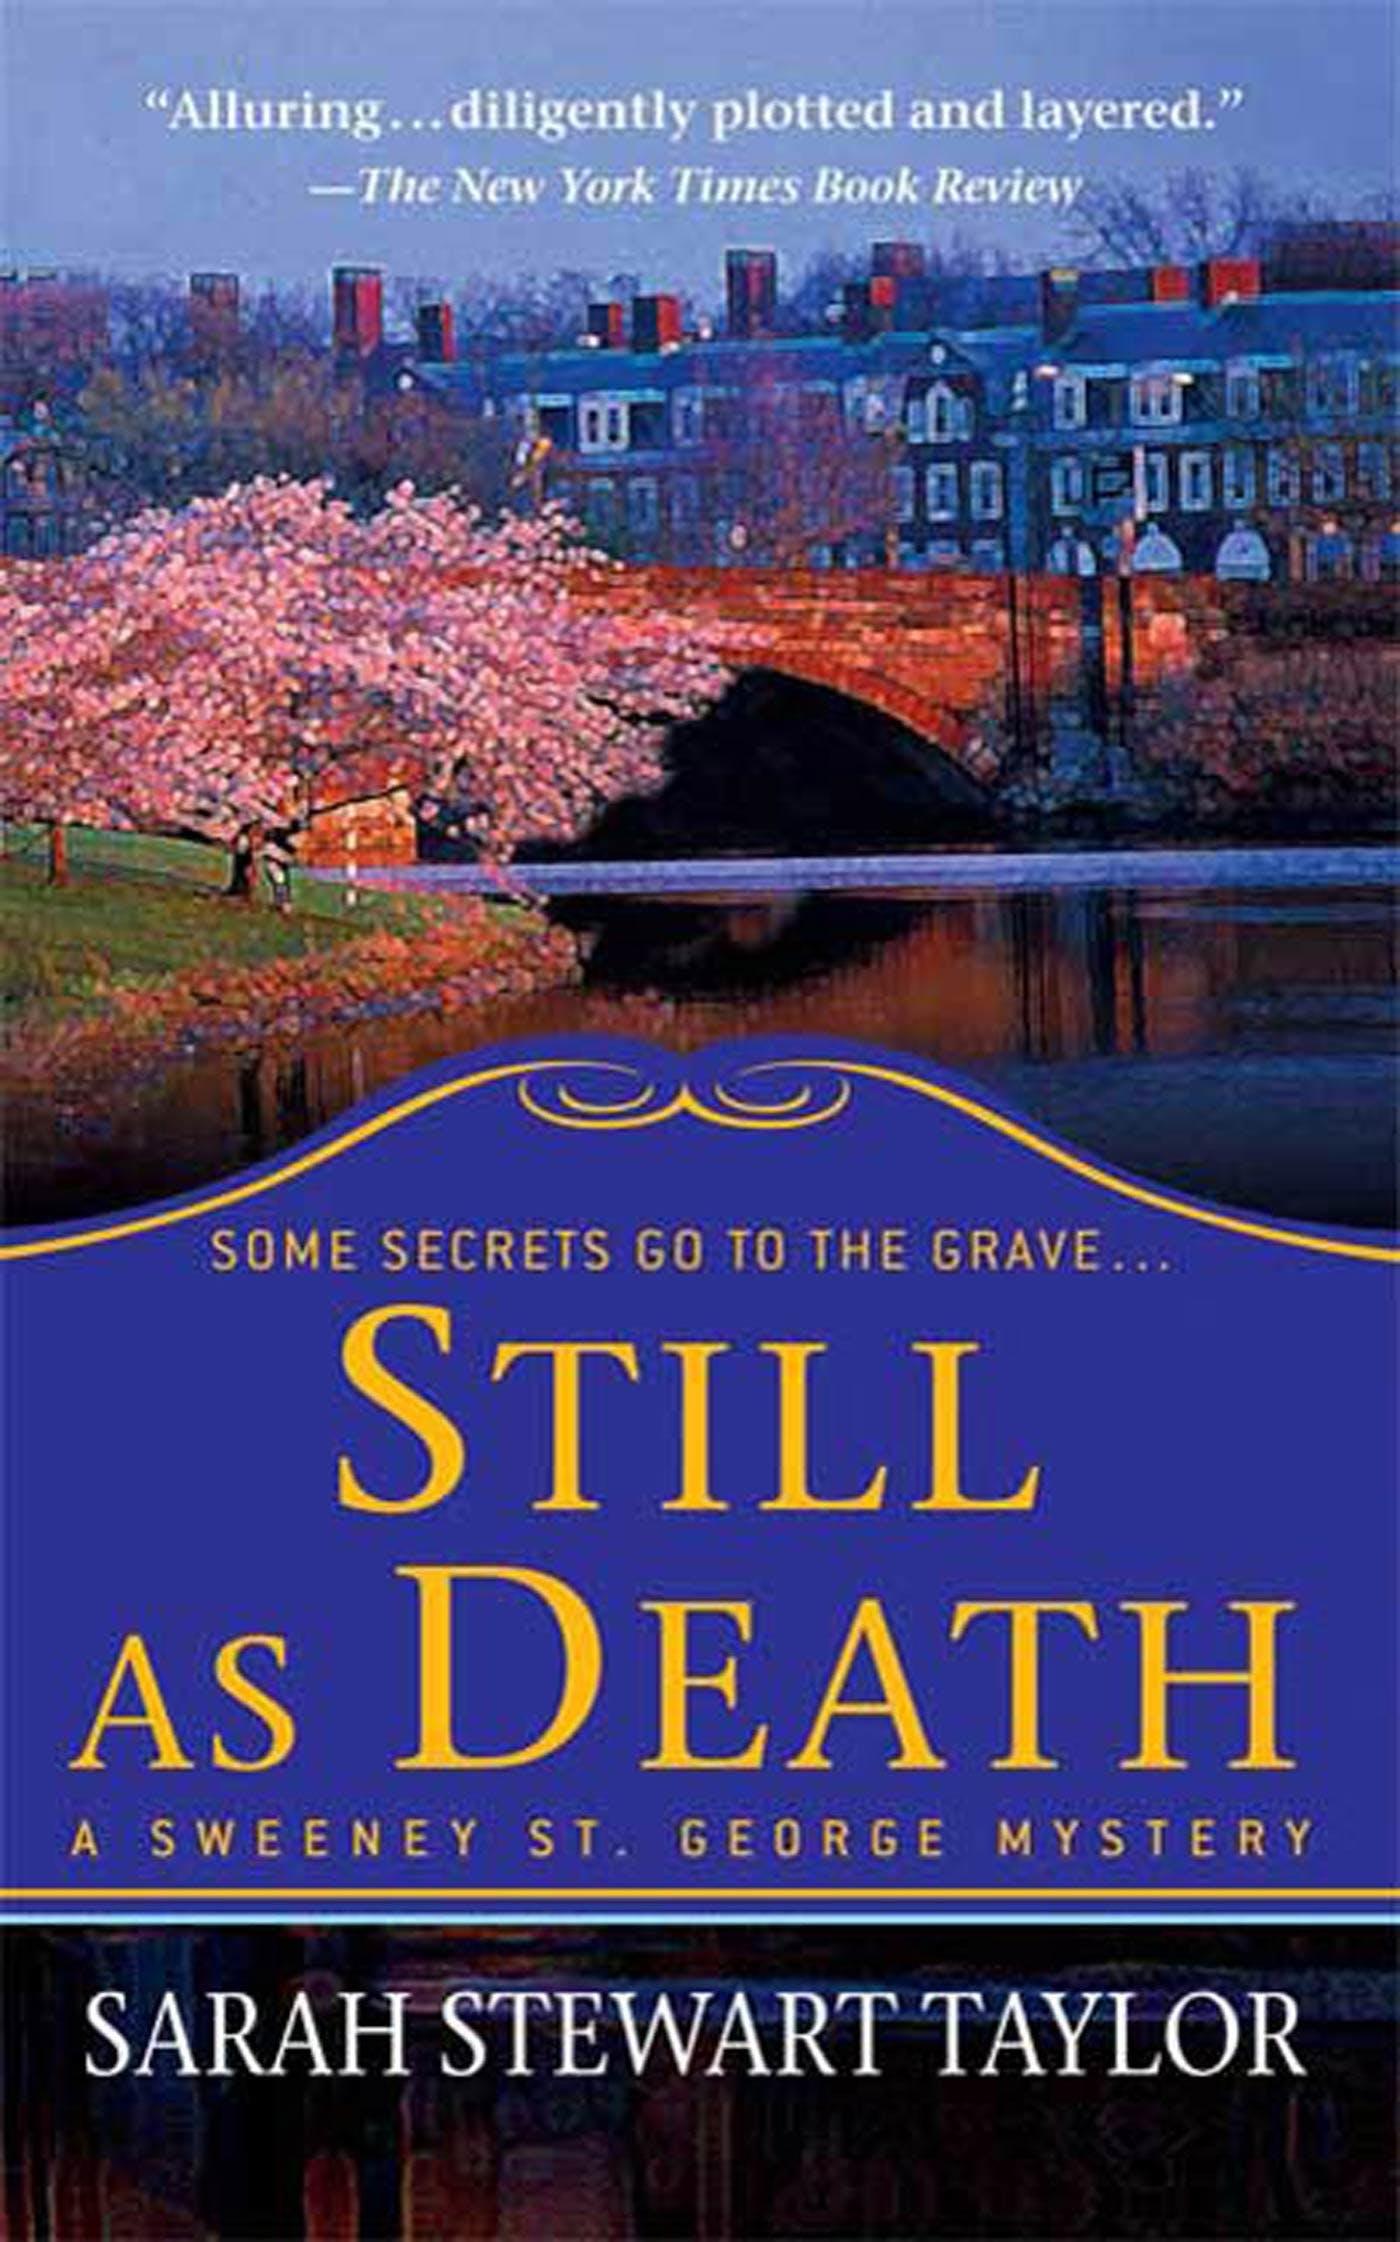 Image of Still as Death